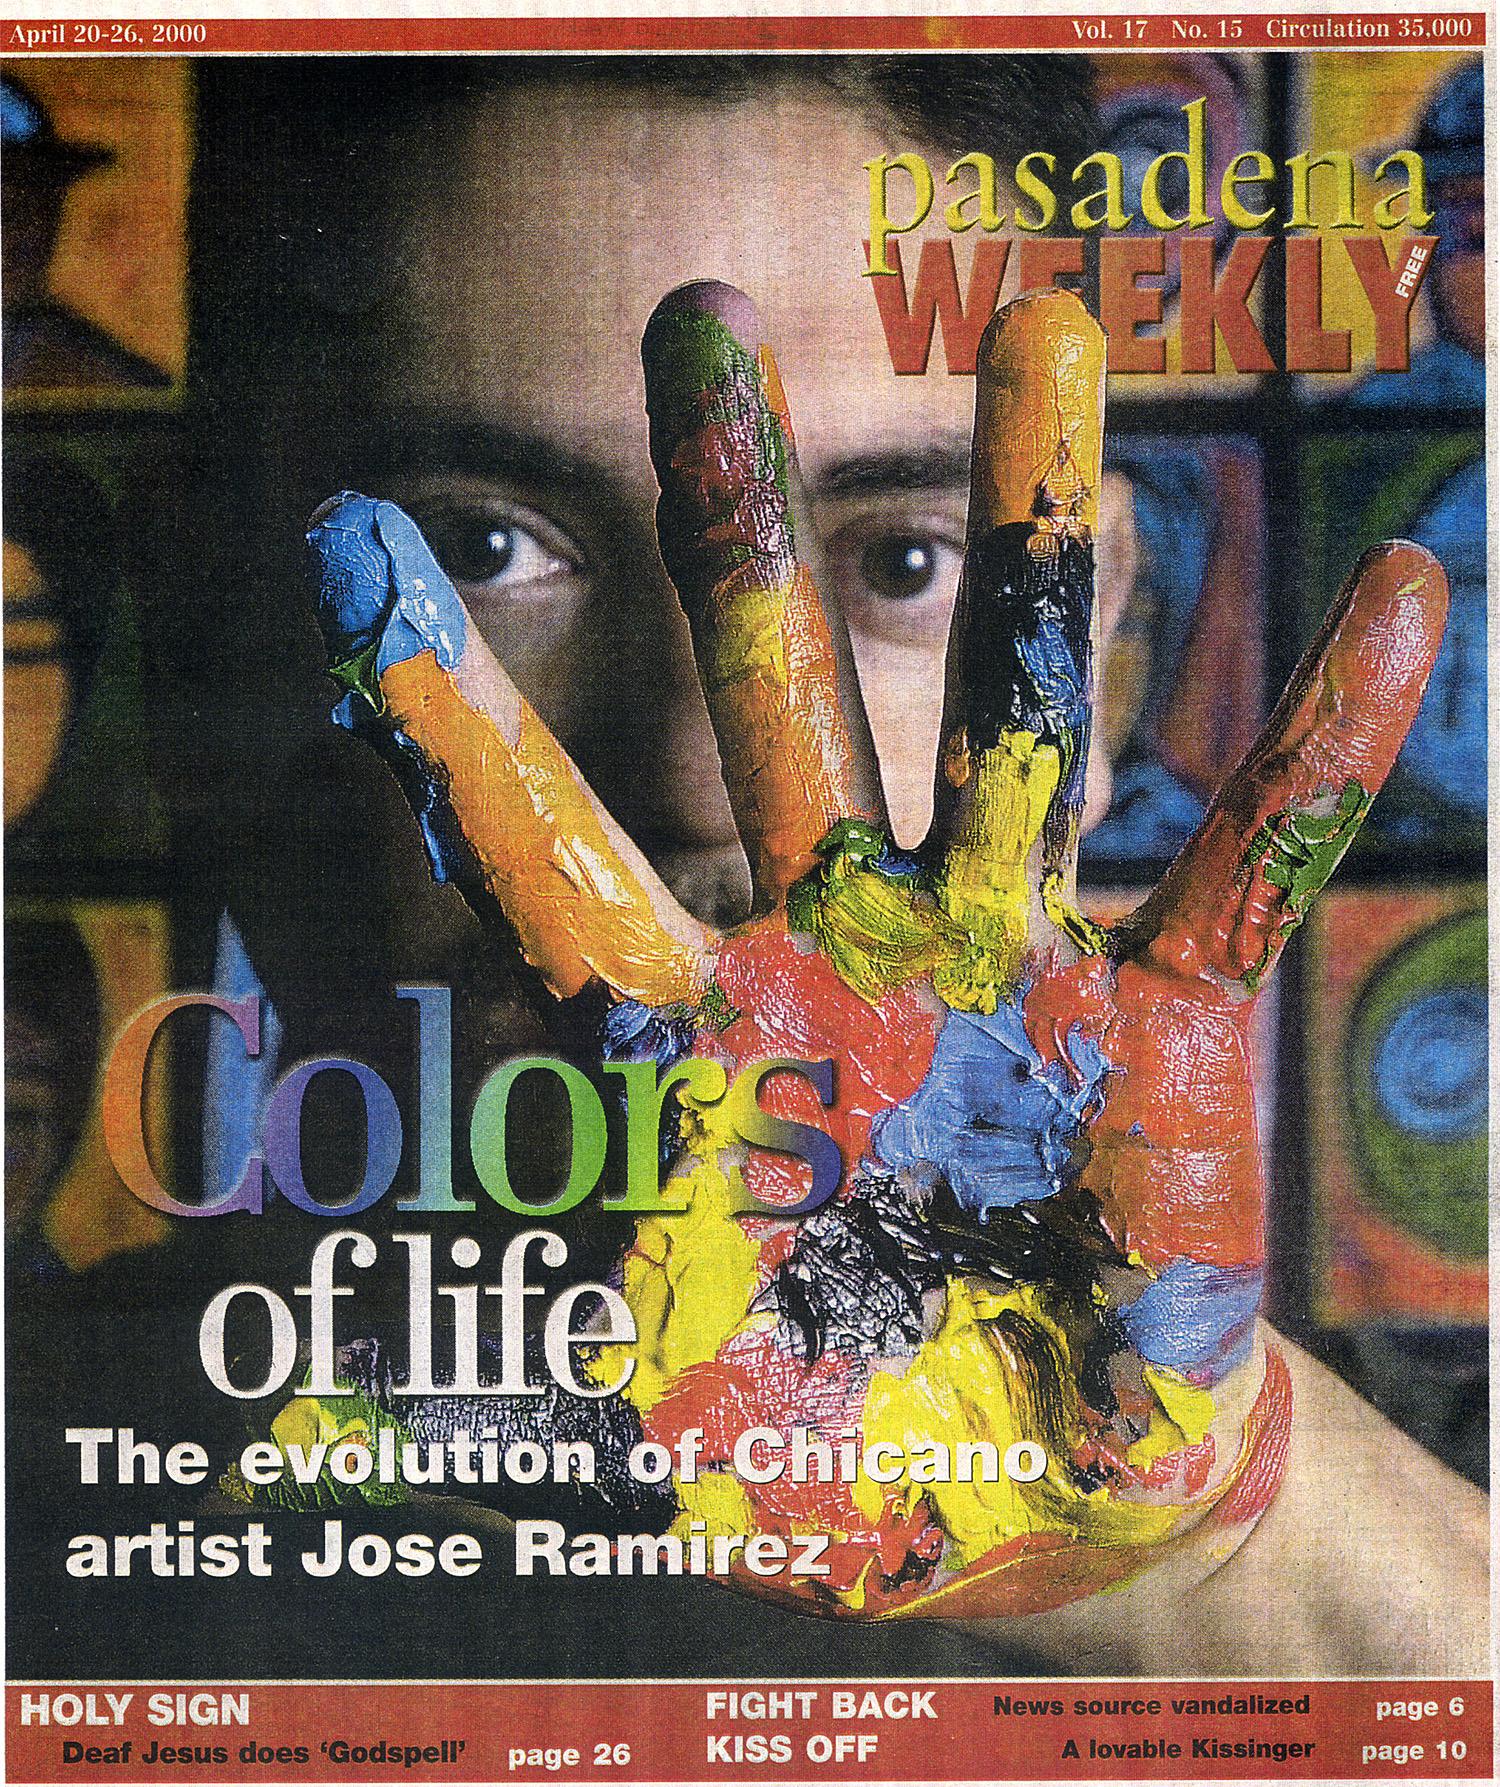 Pasadena Weekly Cover Story, 2000.